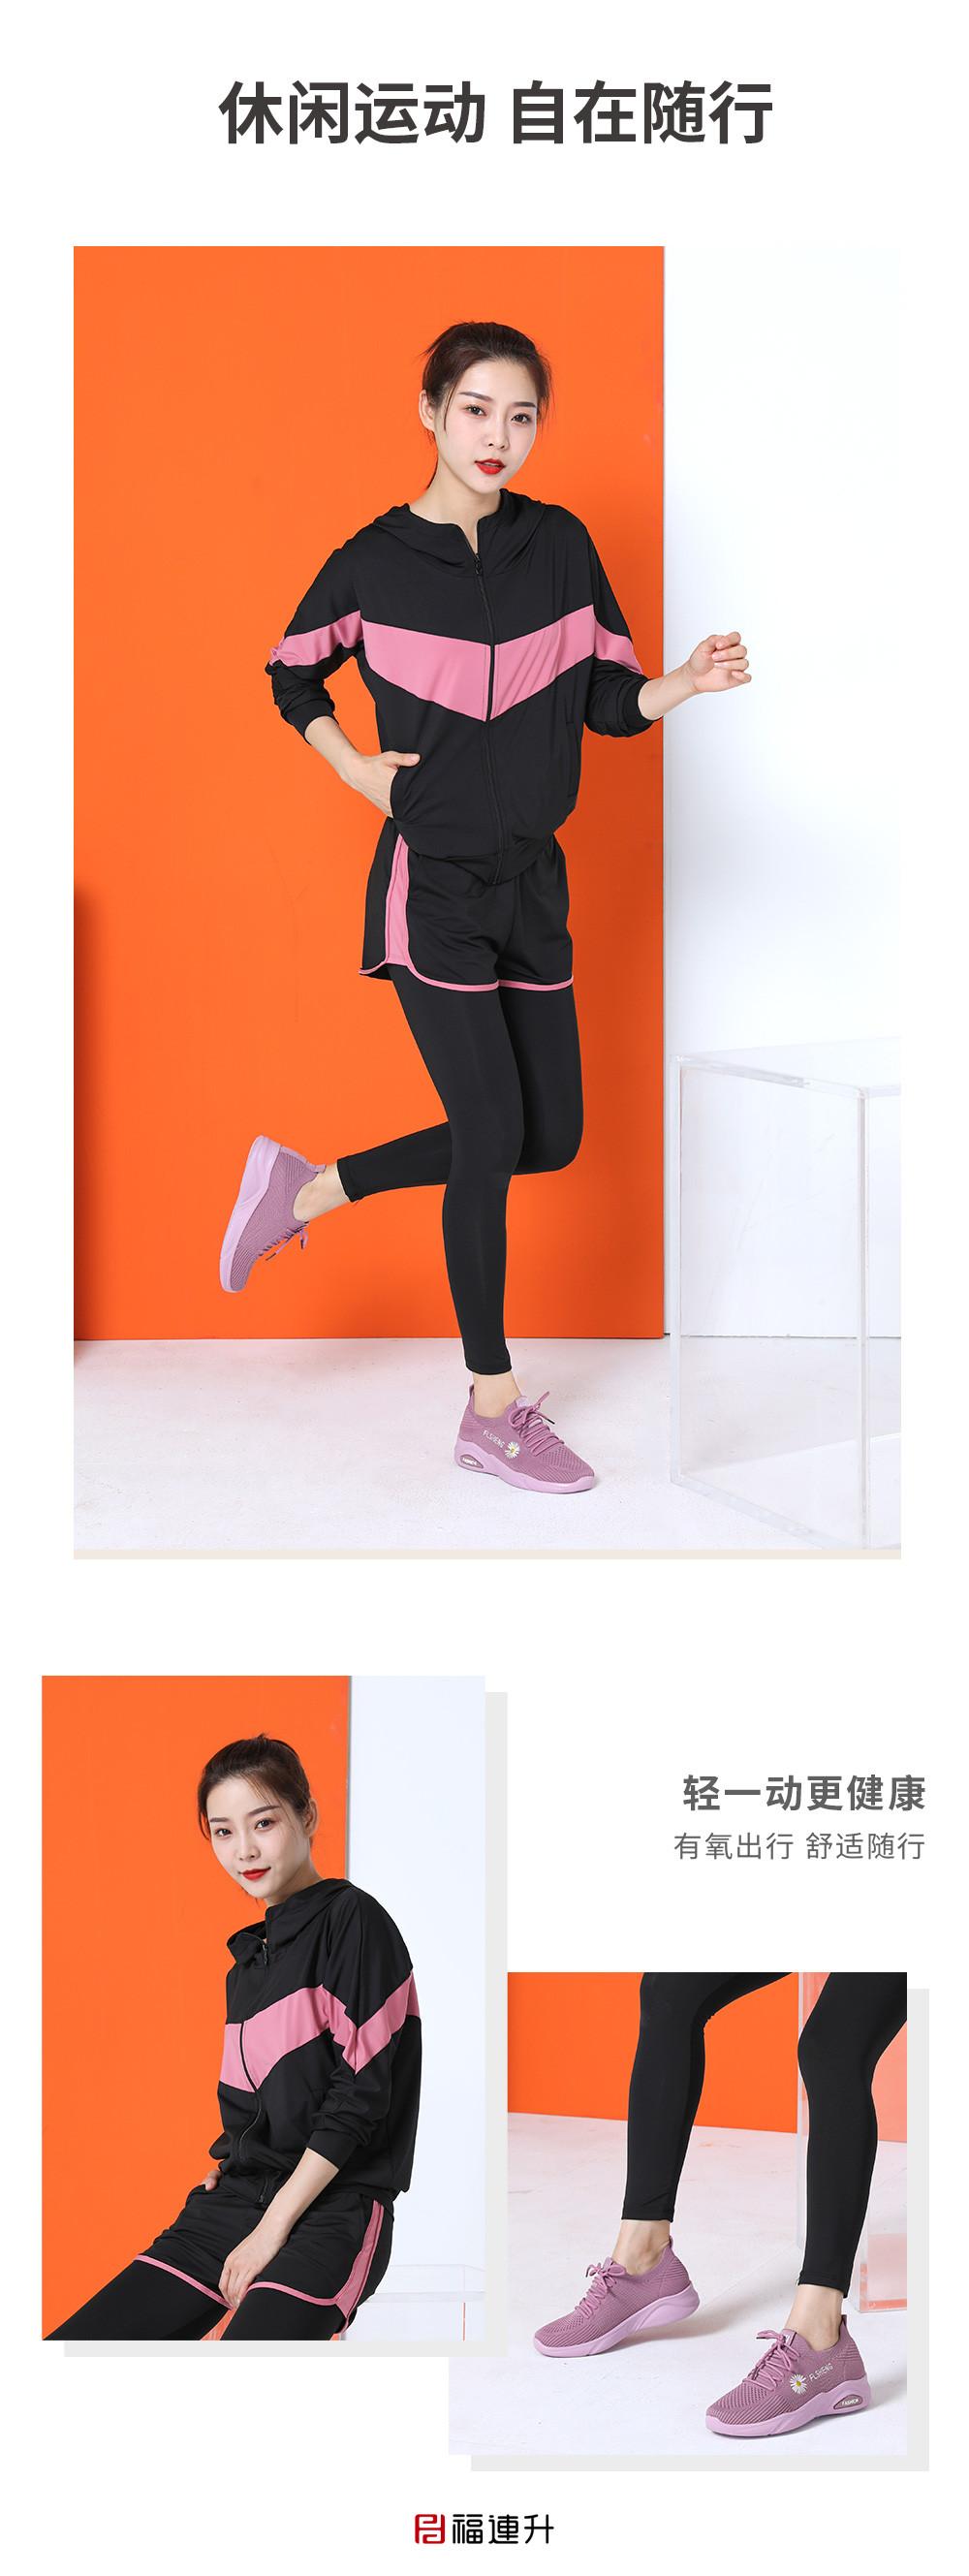 老北京布鞋透气棉麻飞织一脚蹬软底妈妈鞋女休闲运动鞋图片